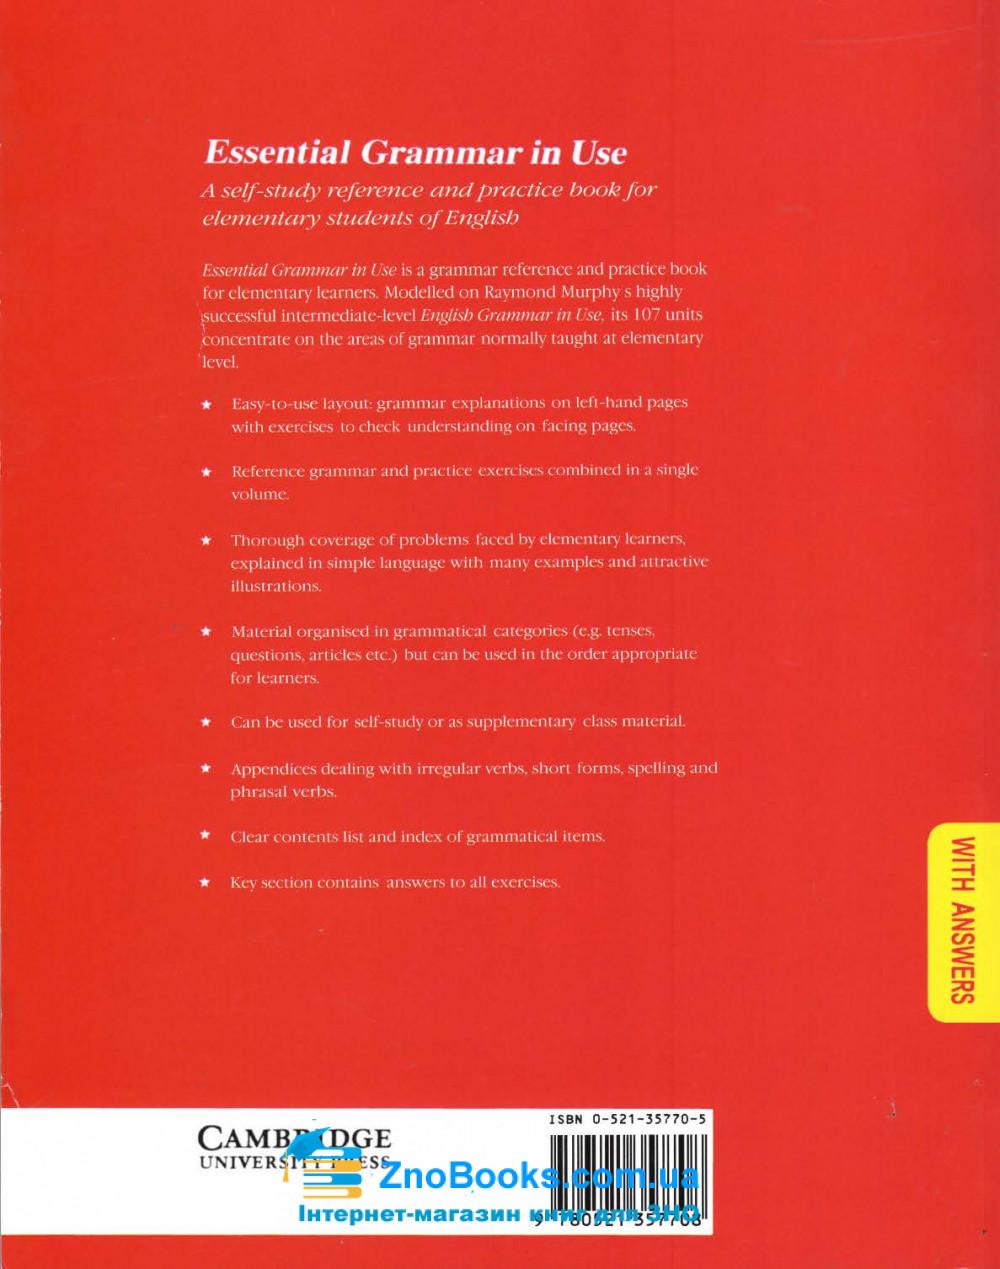 Essential Gгаmmаг іn Usе. Граматика англійської мови для початківців : Murphy Raymond CAMBRIDGE UNIVERSITY PRESS купити 13